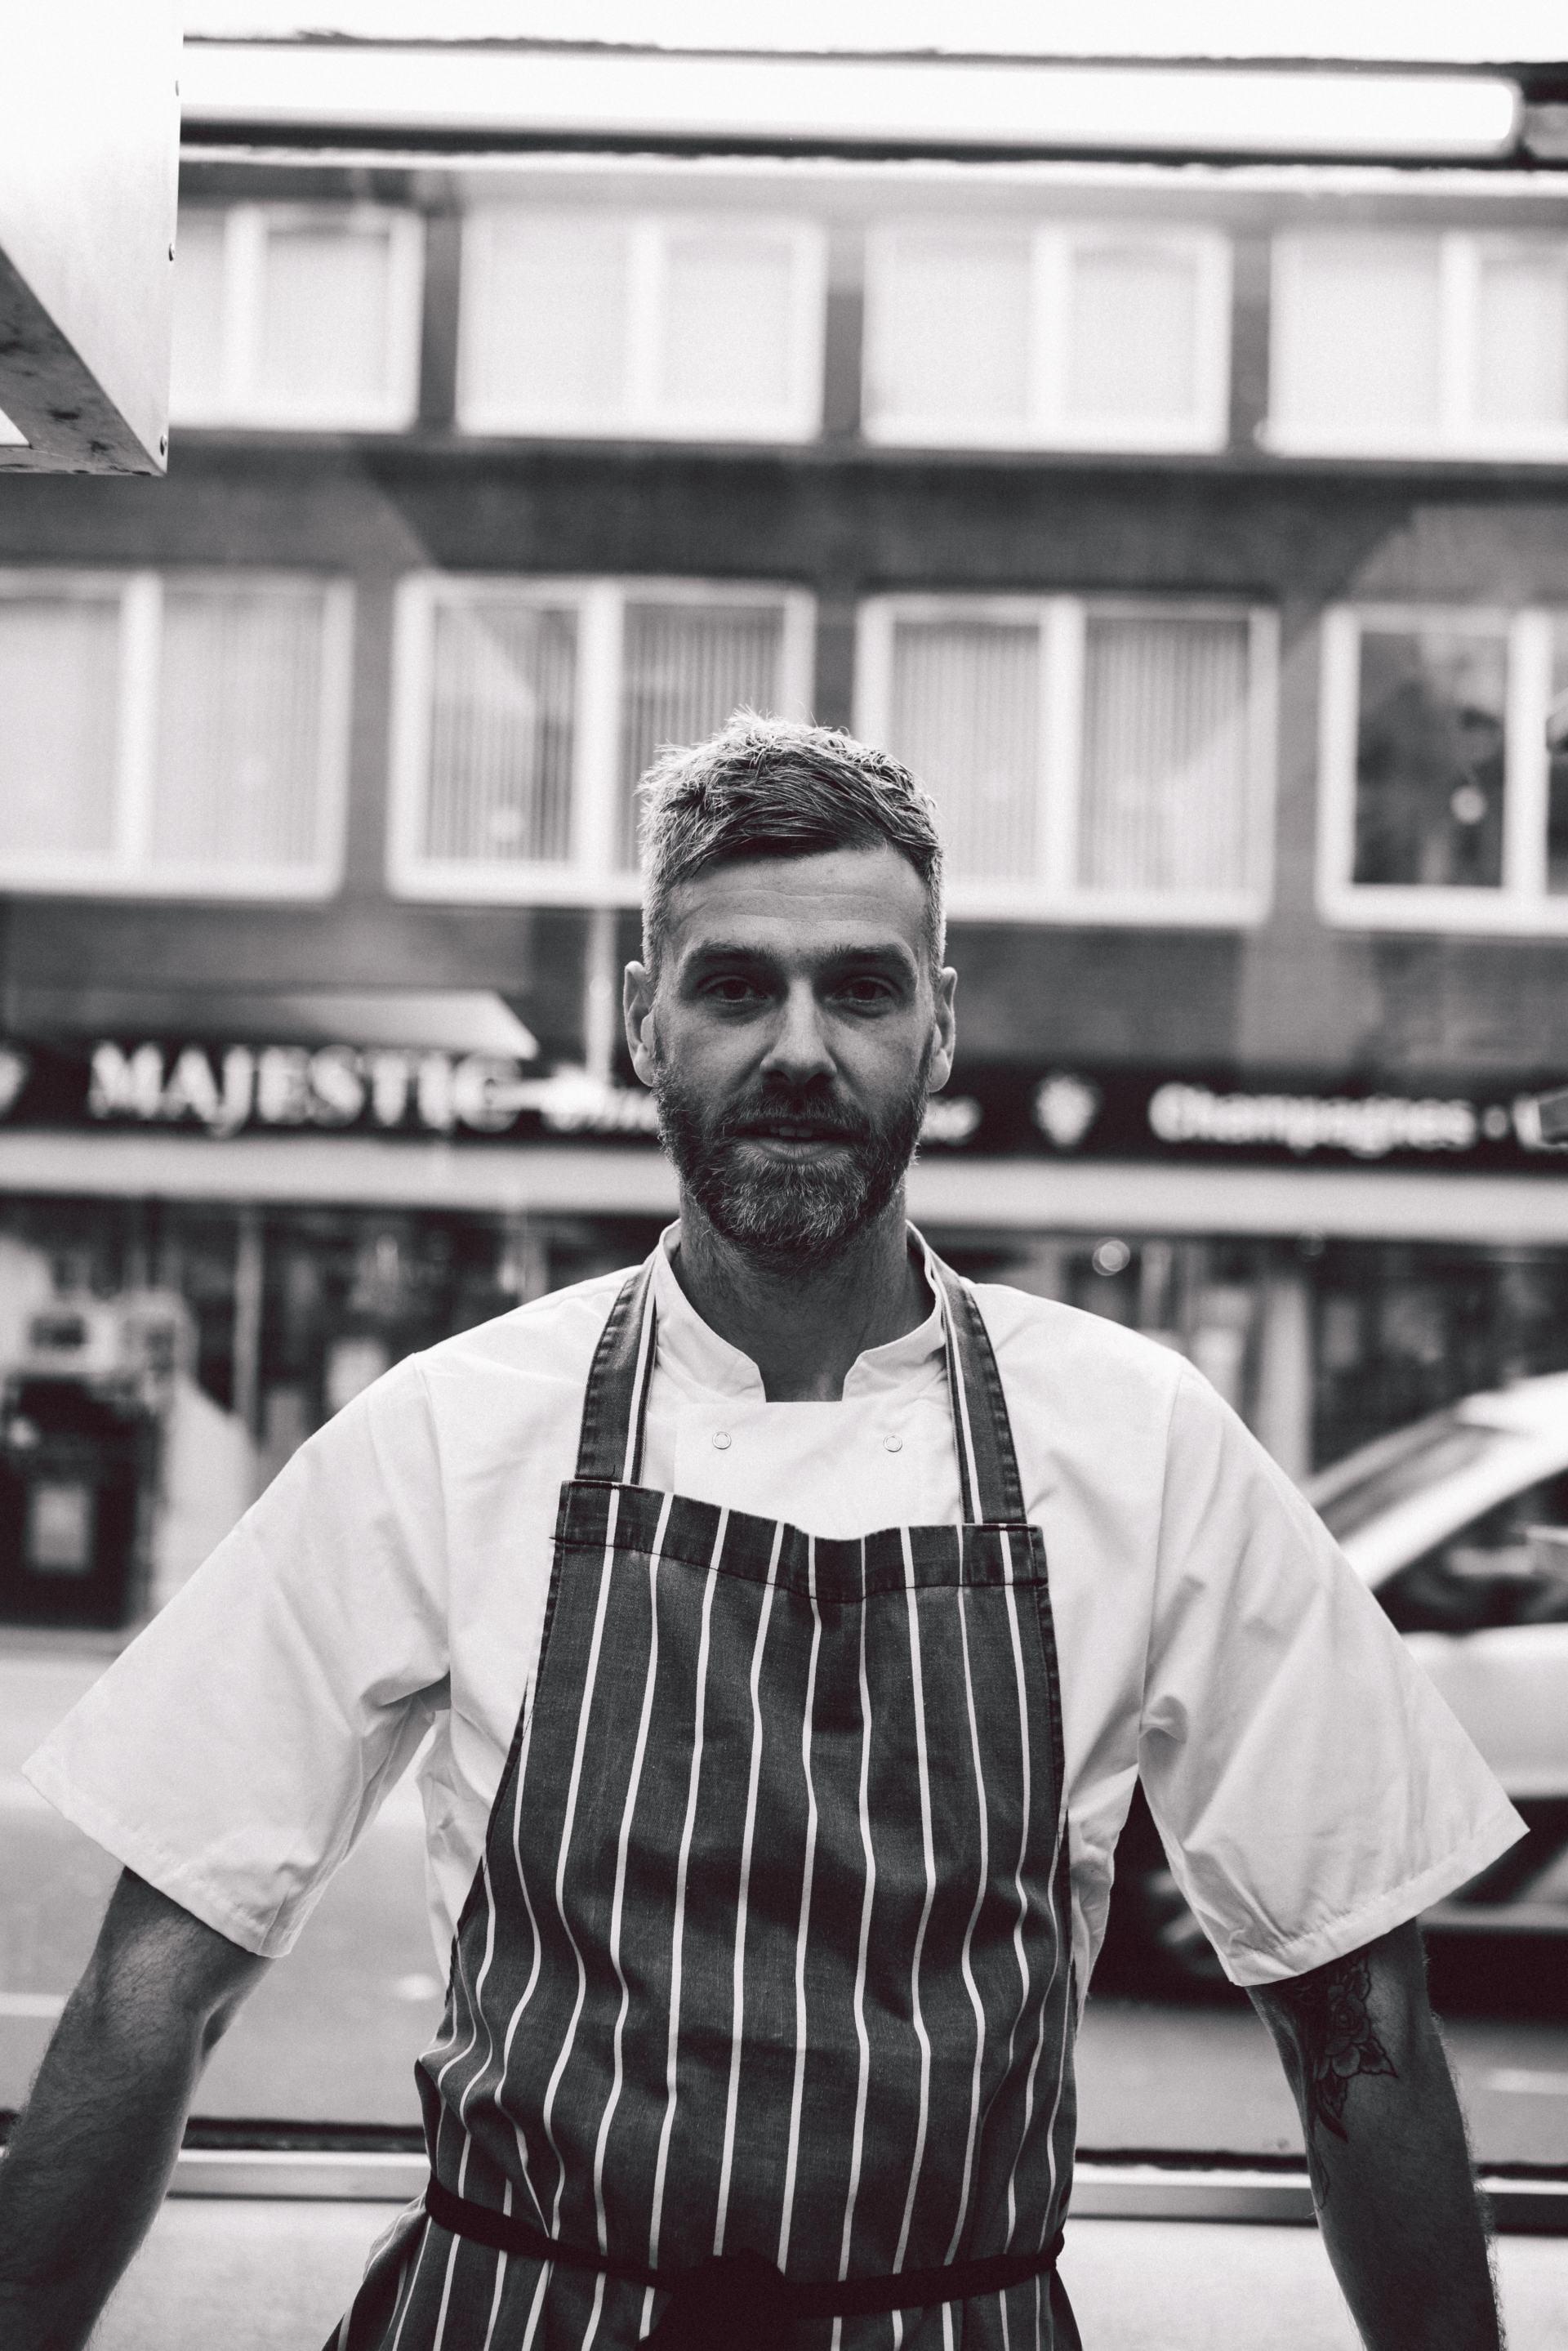 88 west end Glasgow chef